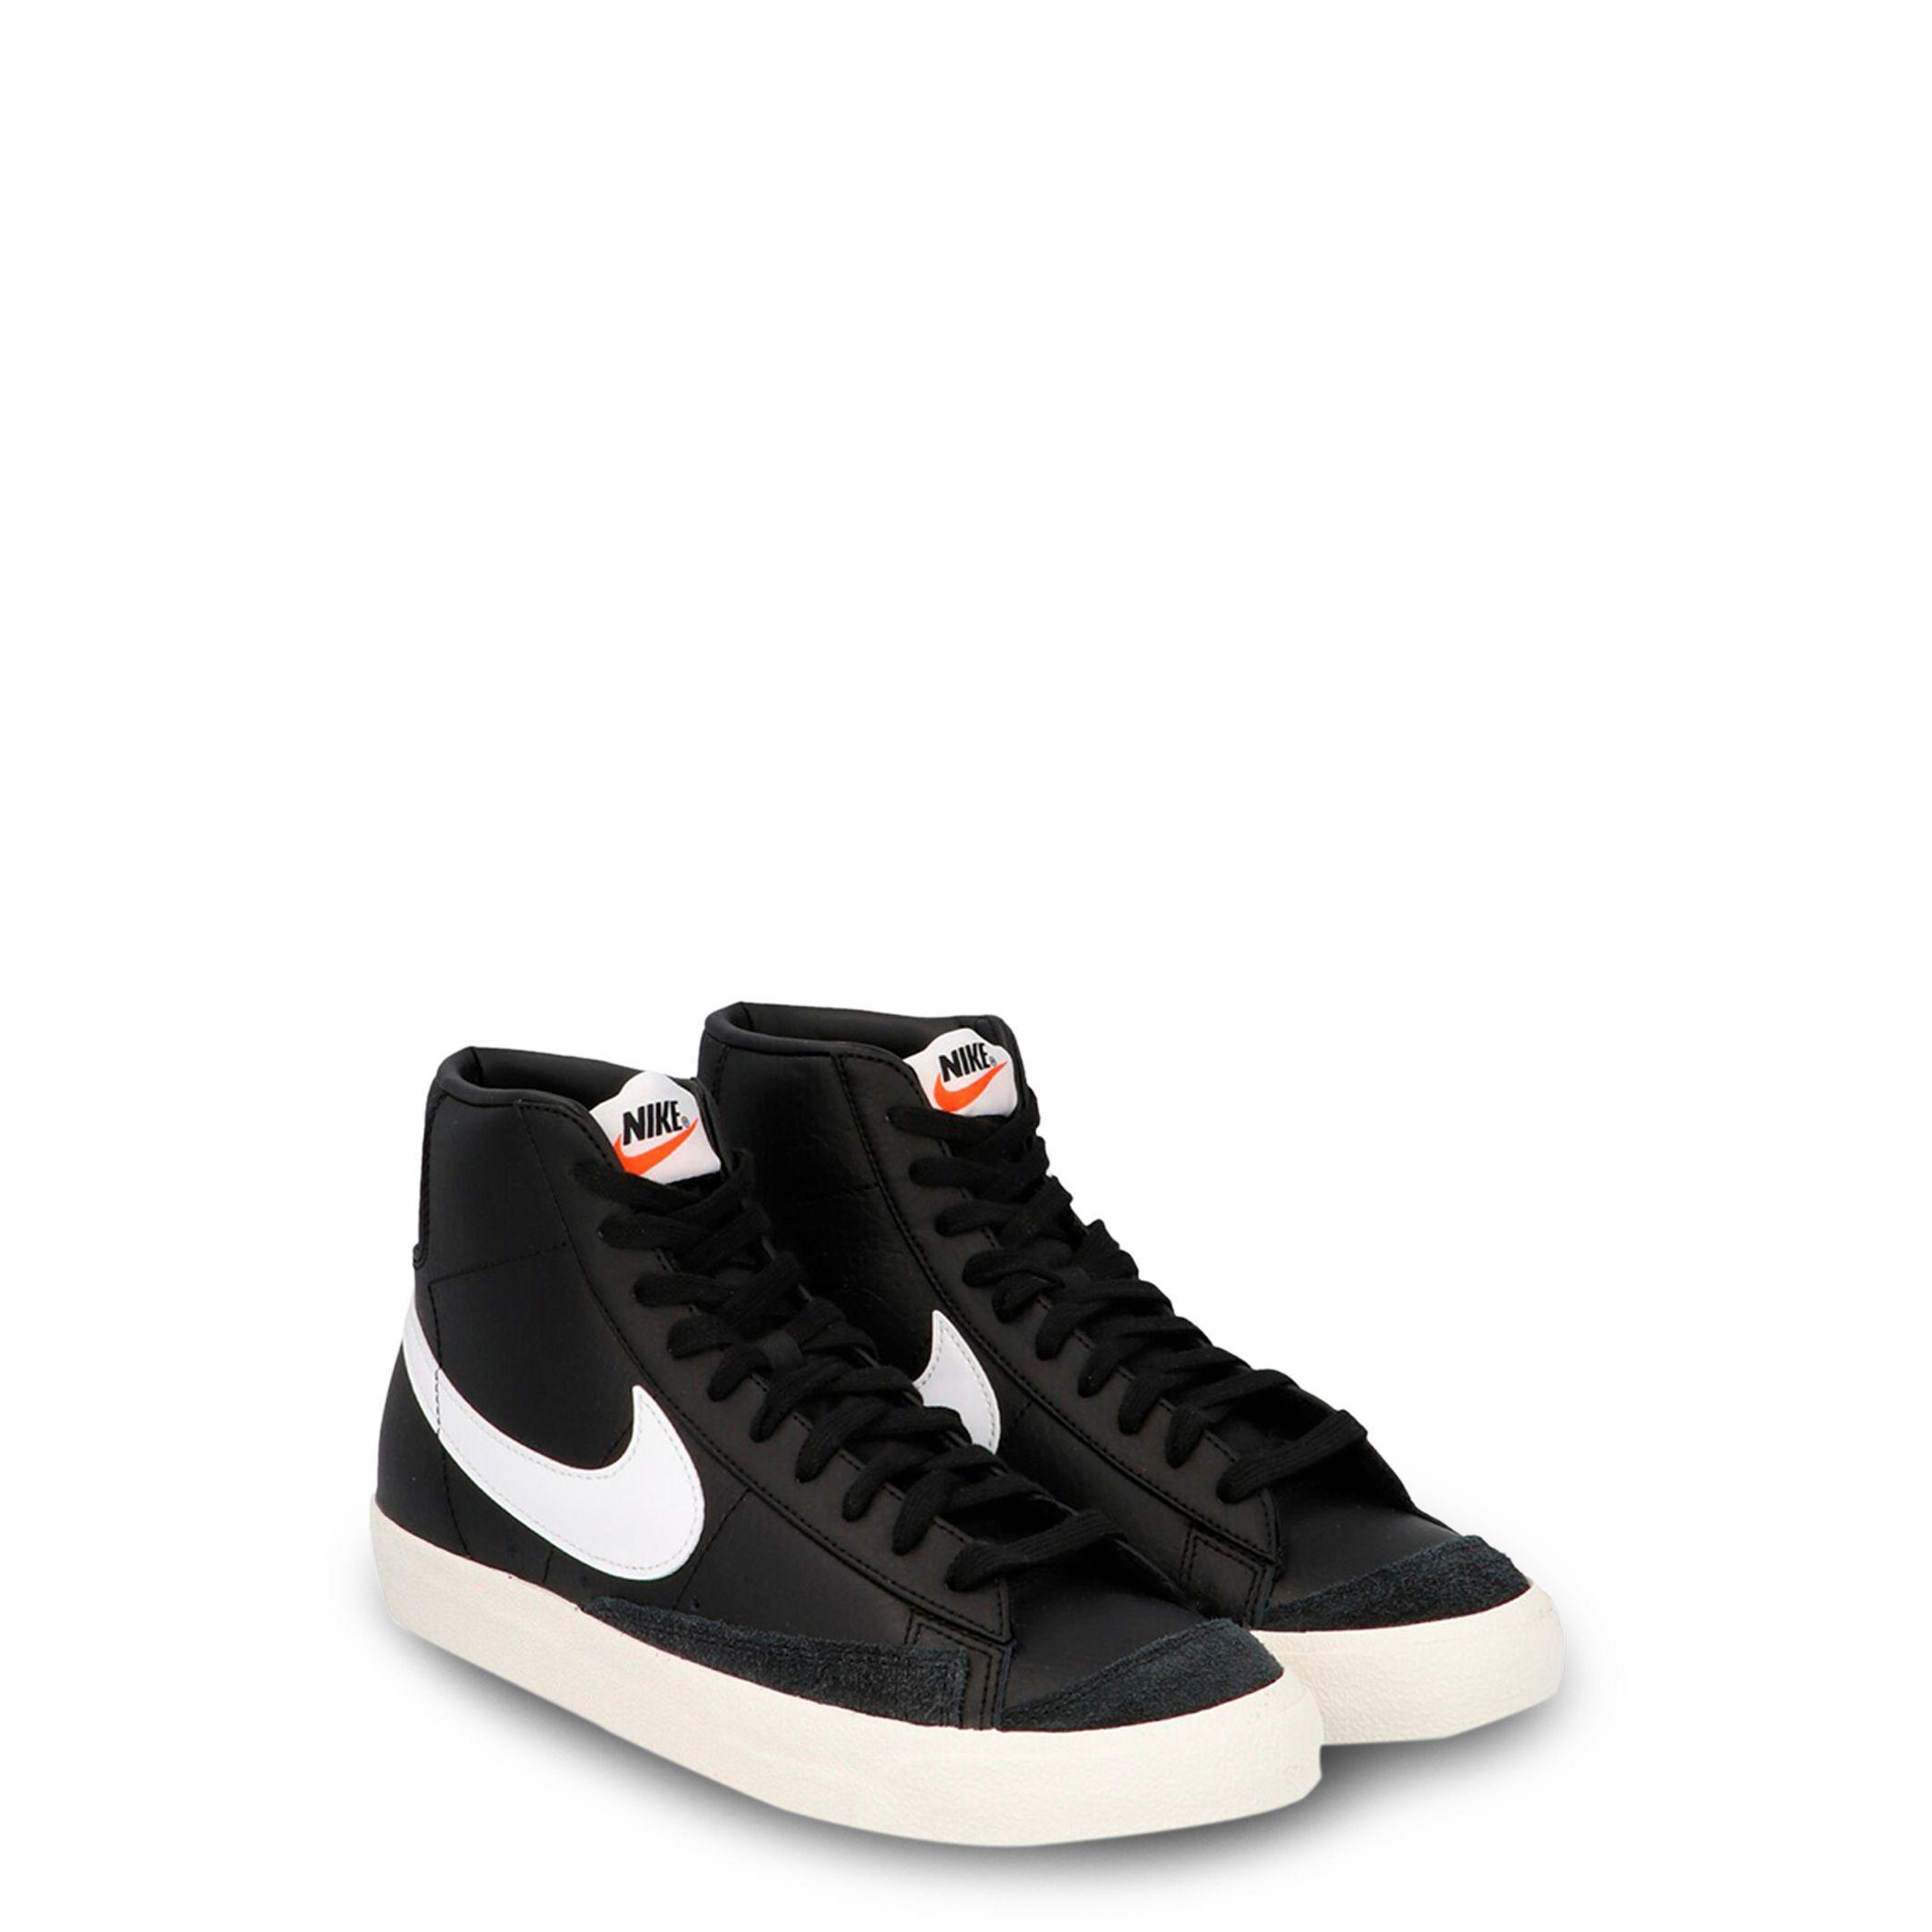 Nike – Blazer Mid 77